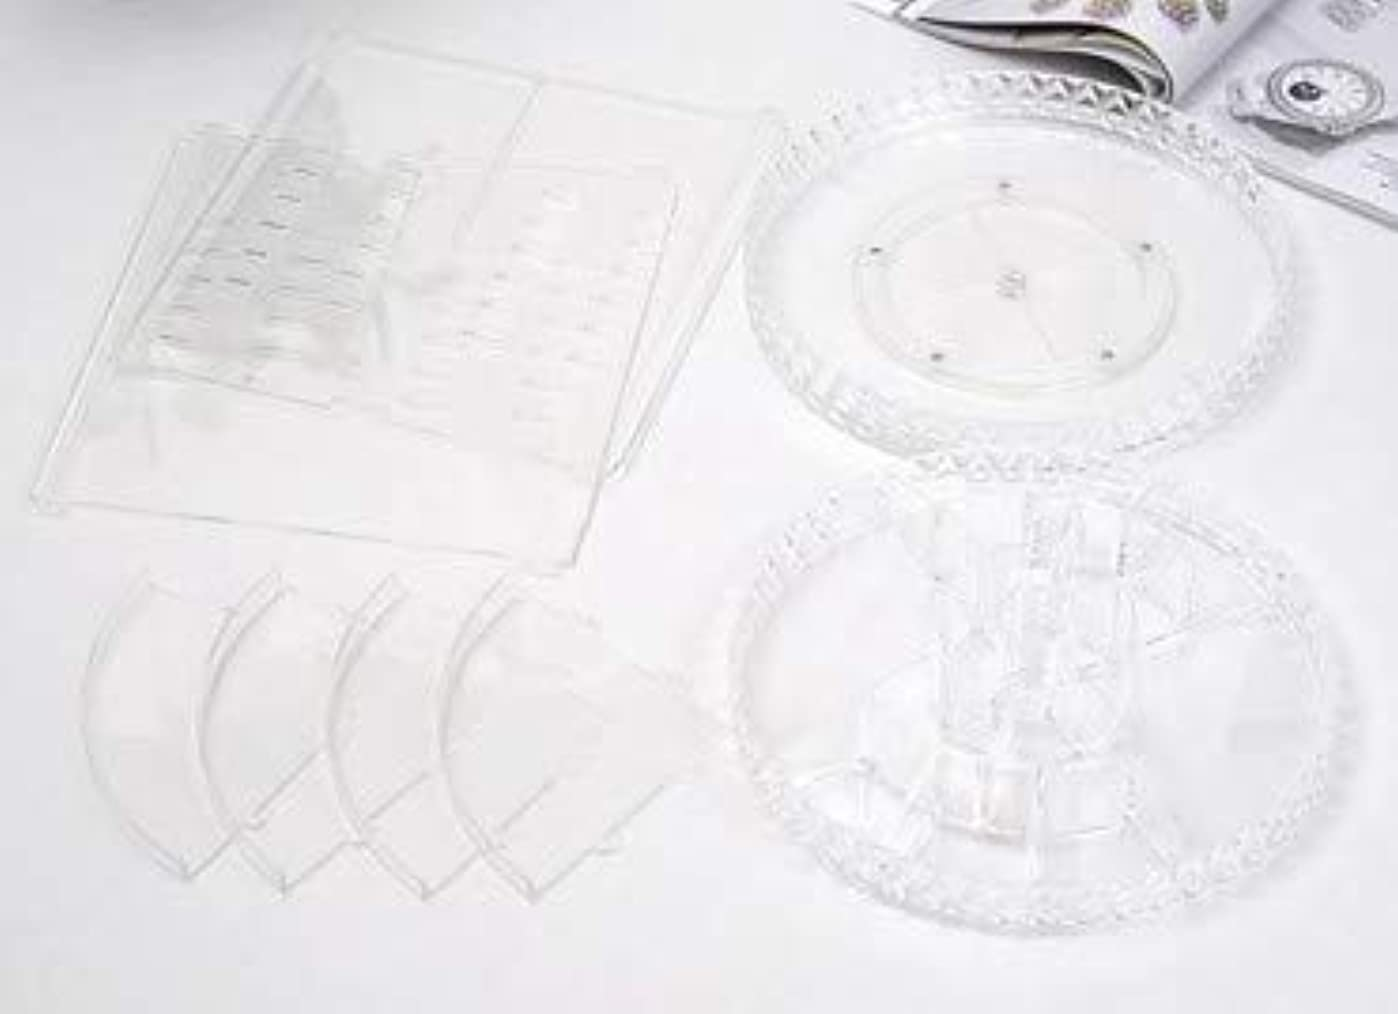 アカウント早いすすり泣き回転化粧品収納ボックスダイヤモンド透明化粧品ケーススキンケア製品ディスプレイボックスデスクトップ収納ボックス